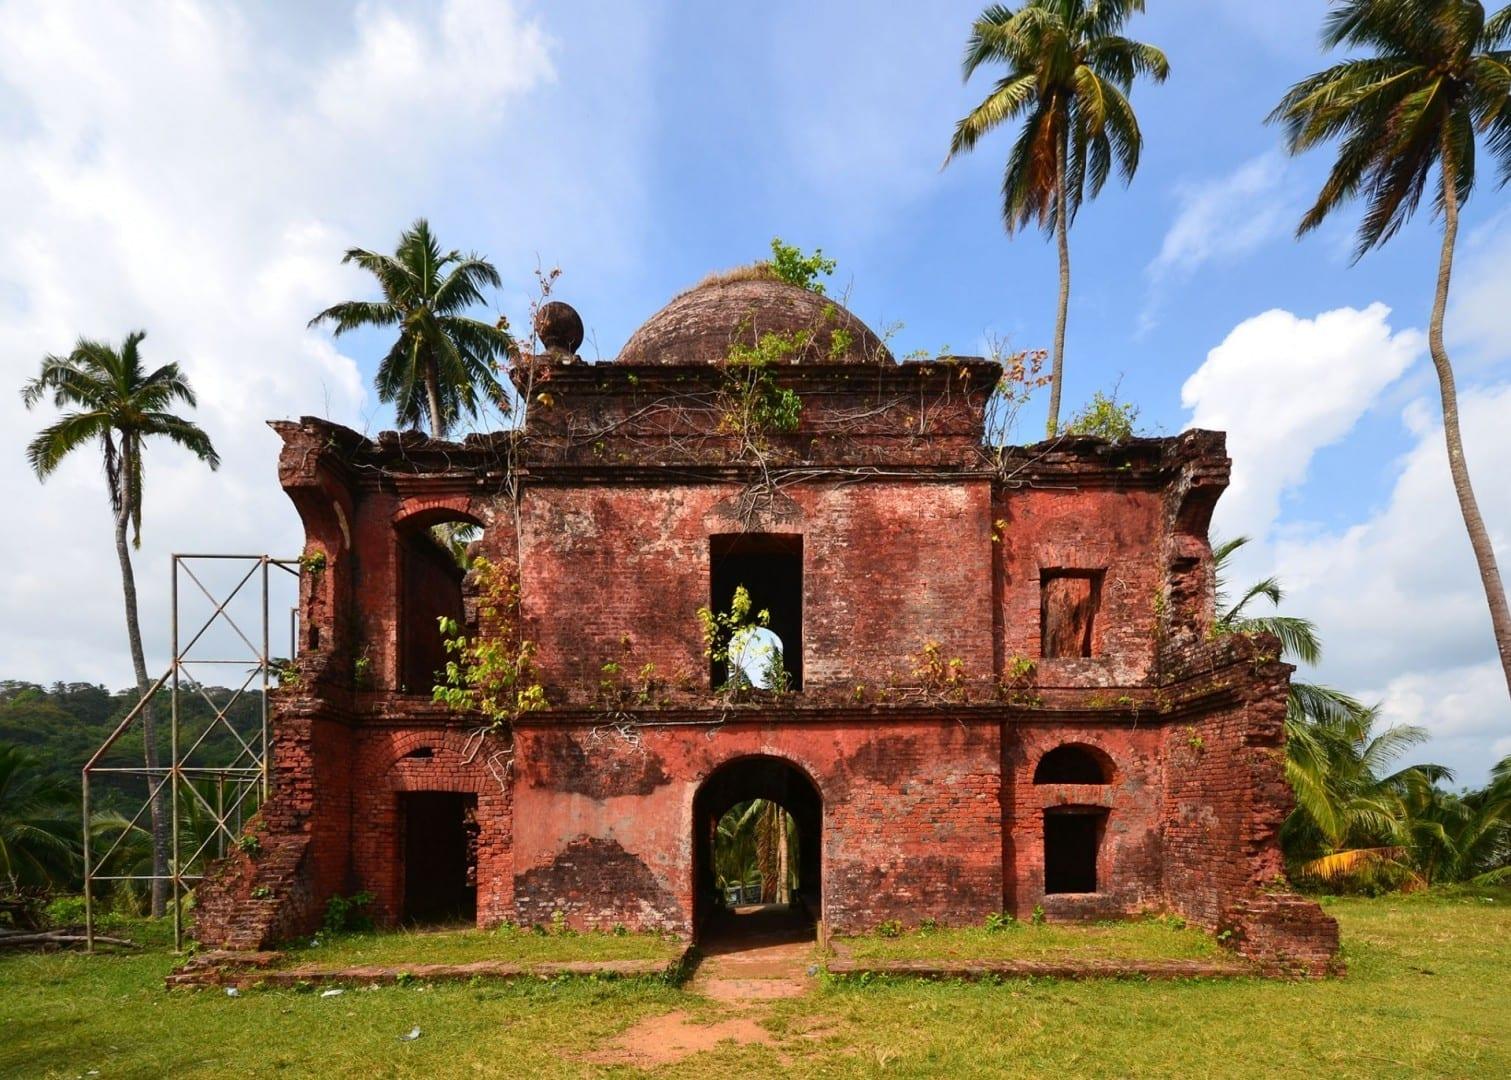 La horca en la Isla Víbora Port Blair India